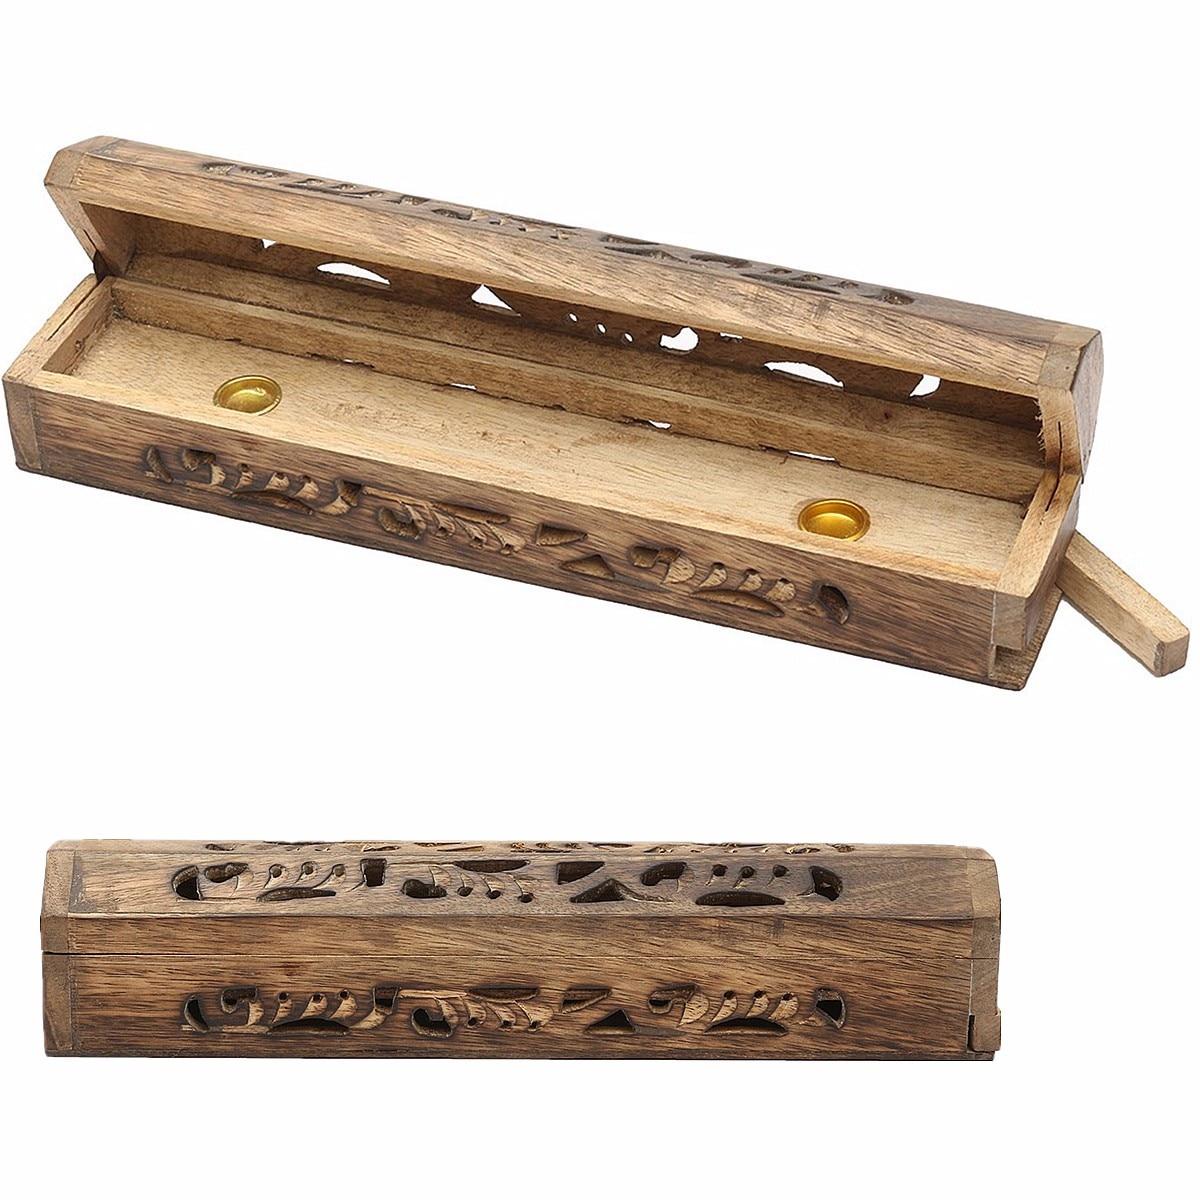 Quemador Joss caja Mango madera incienso palo soporte incrustación cono quemador de ceniza Mango madera 30,5x5,6x6,3 cm quemadores de incienso